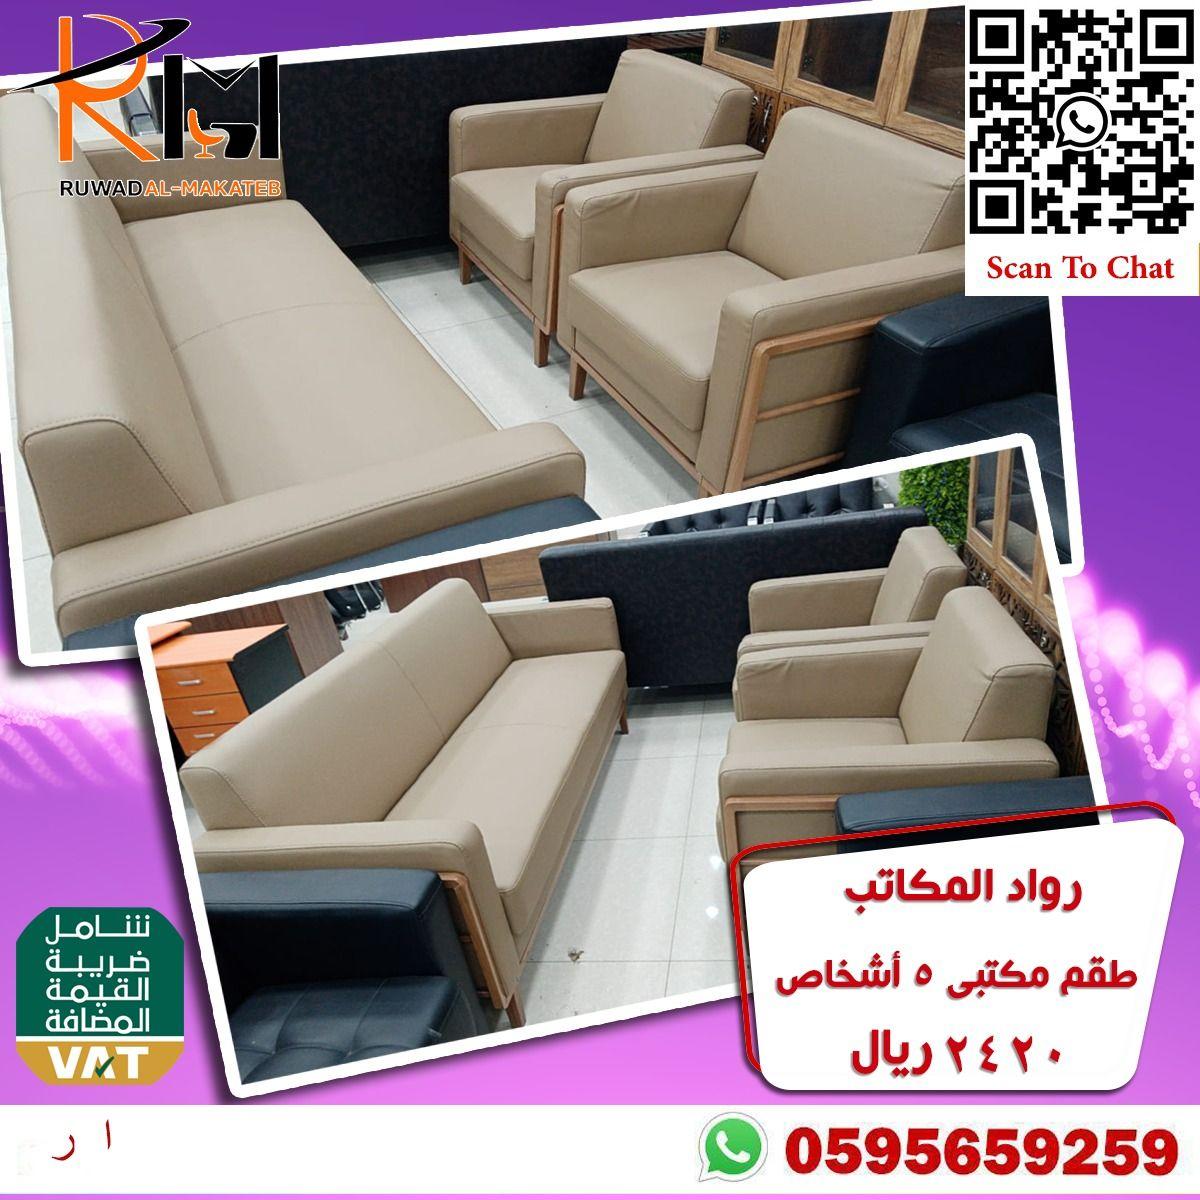 كنب بيج مكتبي In 2021 Home Decor Furniture Decor